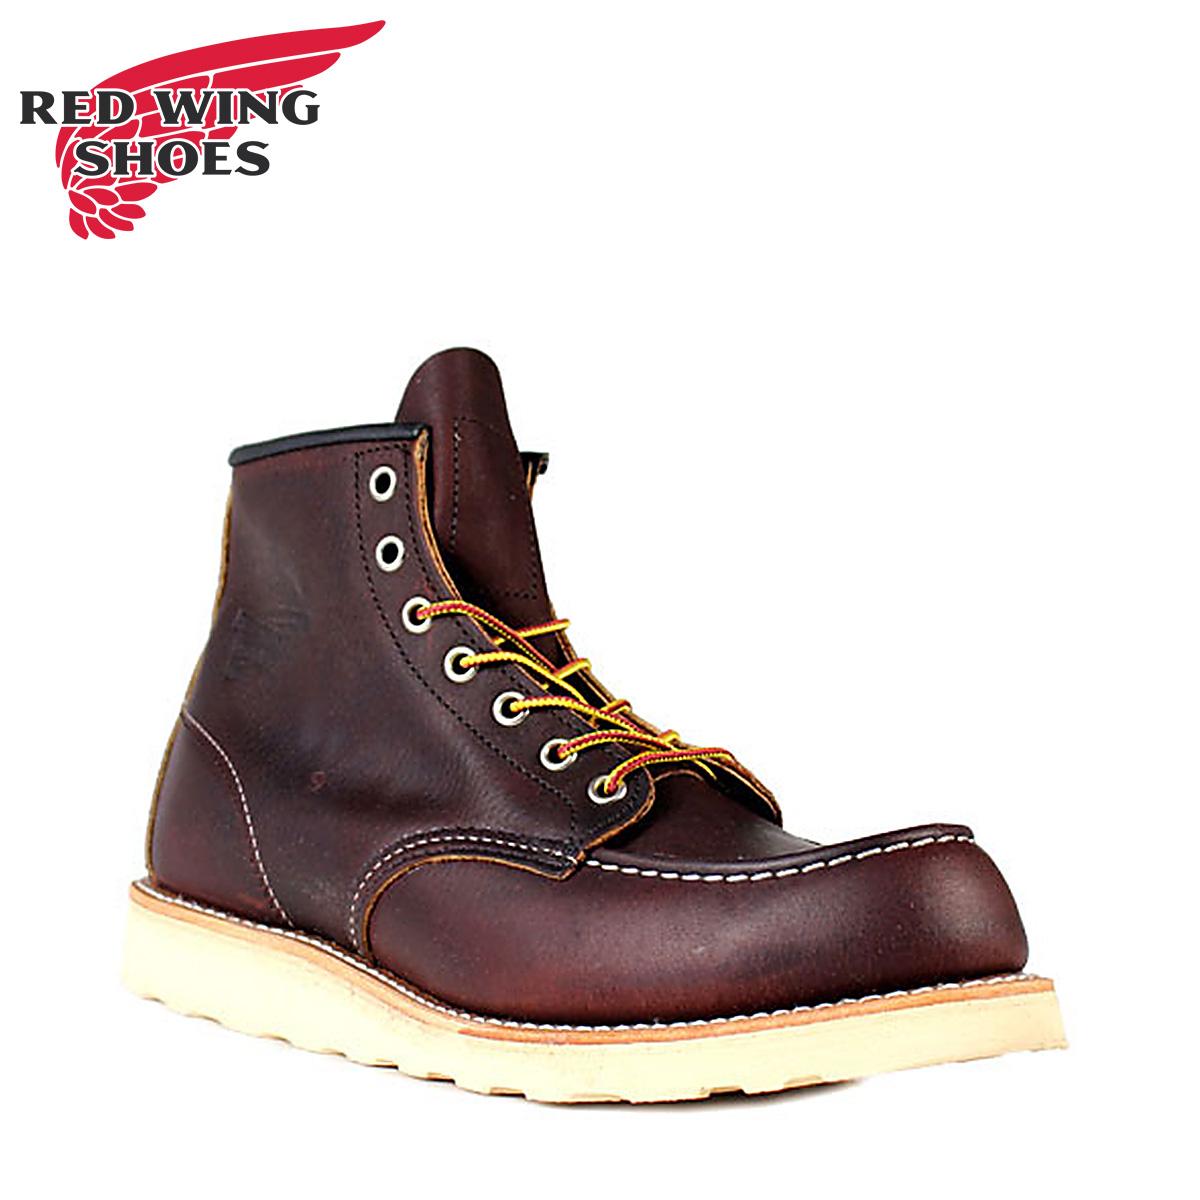 RED WING レッド 赤ウィング ブーツ 6インチ クラシック モック 6INCH CLASSIC MOC Dワイズ 8138 メンズ レディース